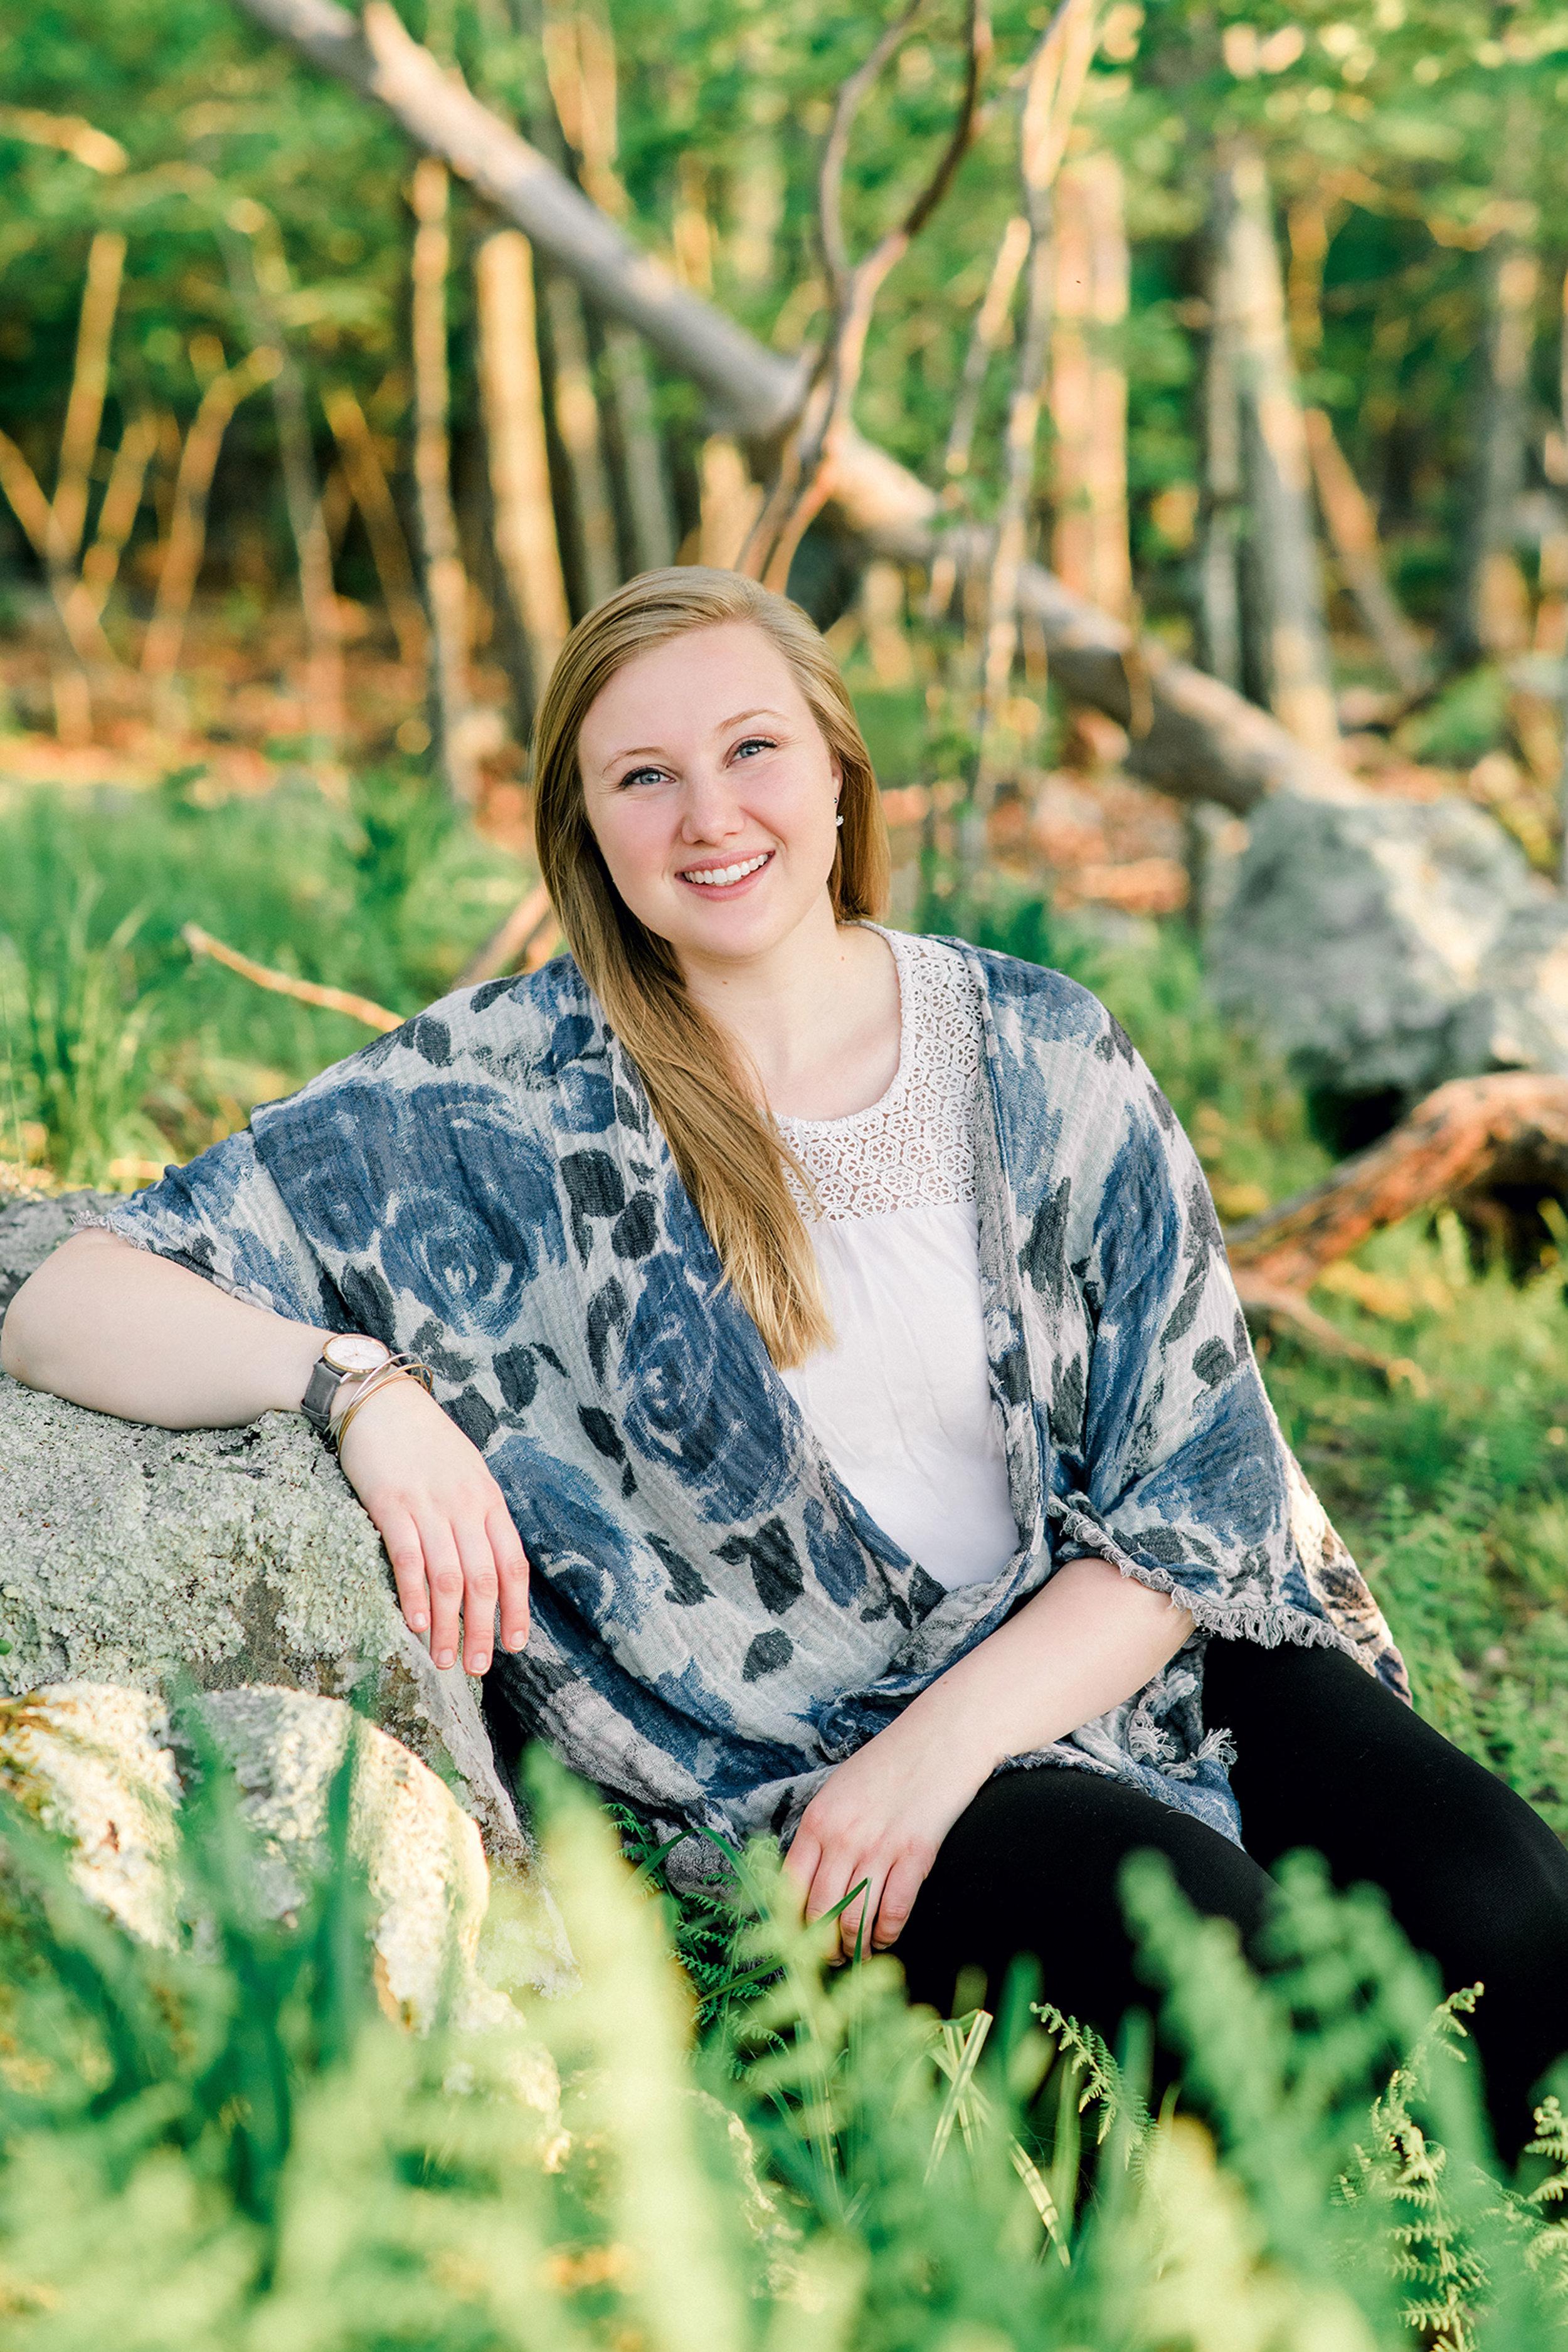 Hannah Adams of Hannah Joy Photography, wedding and portrait photographer based in Virginia.